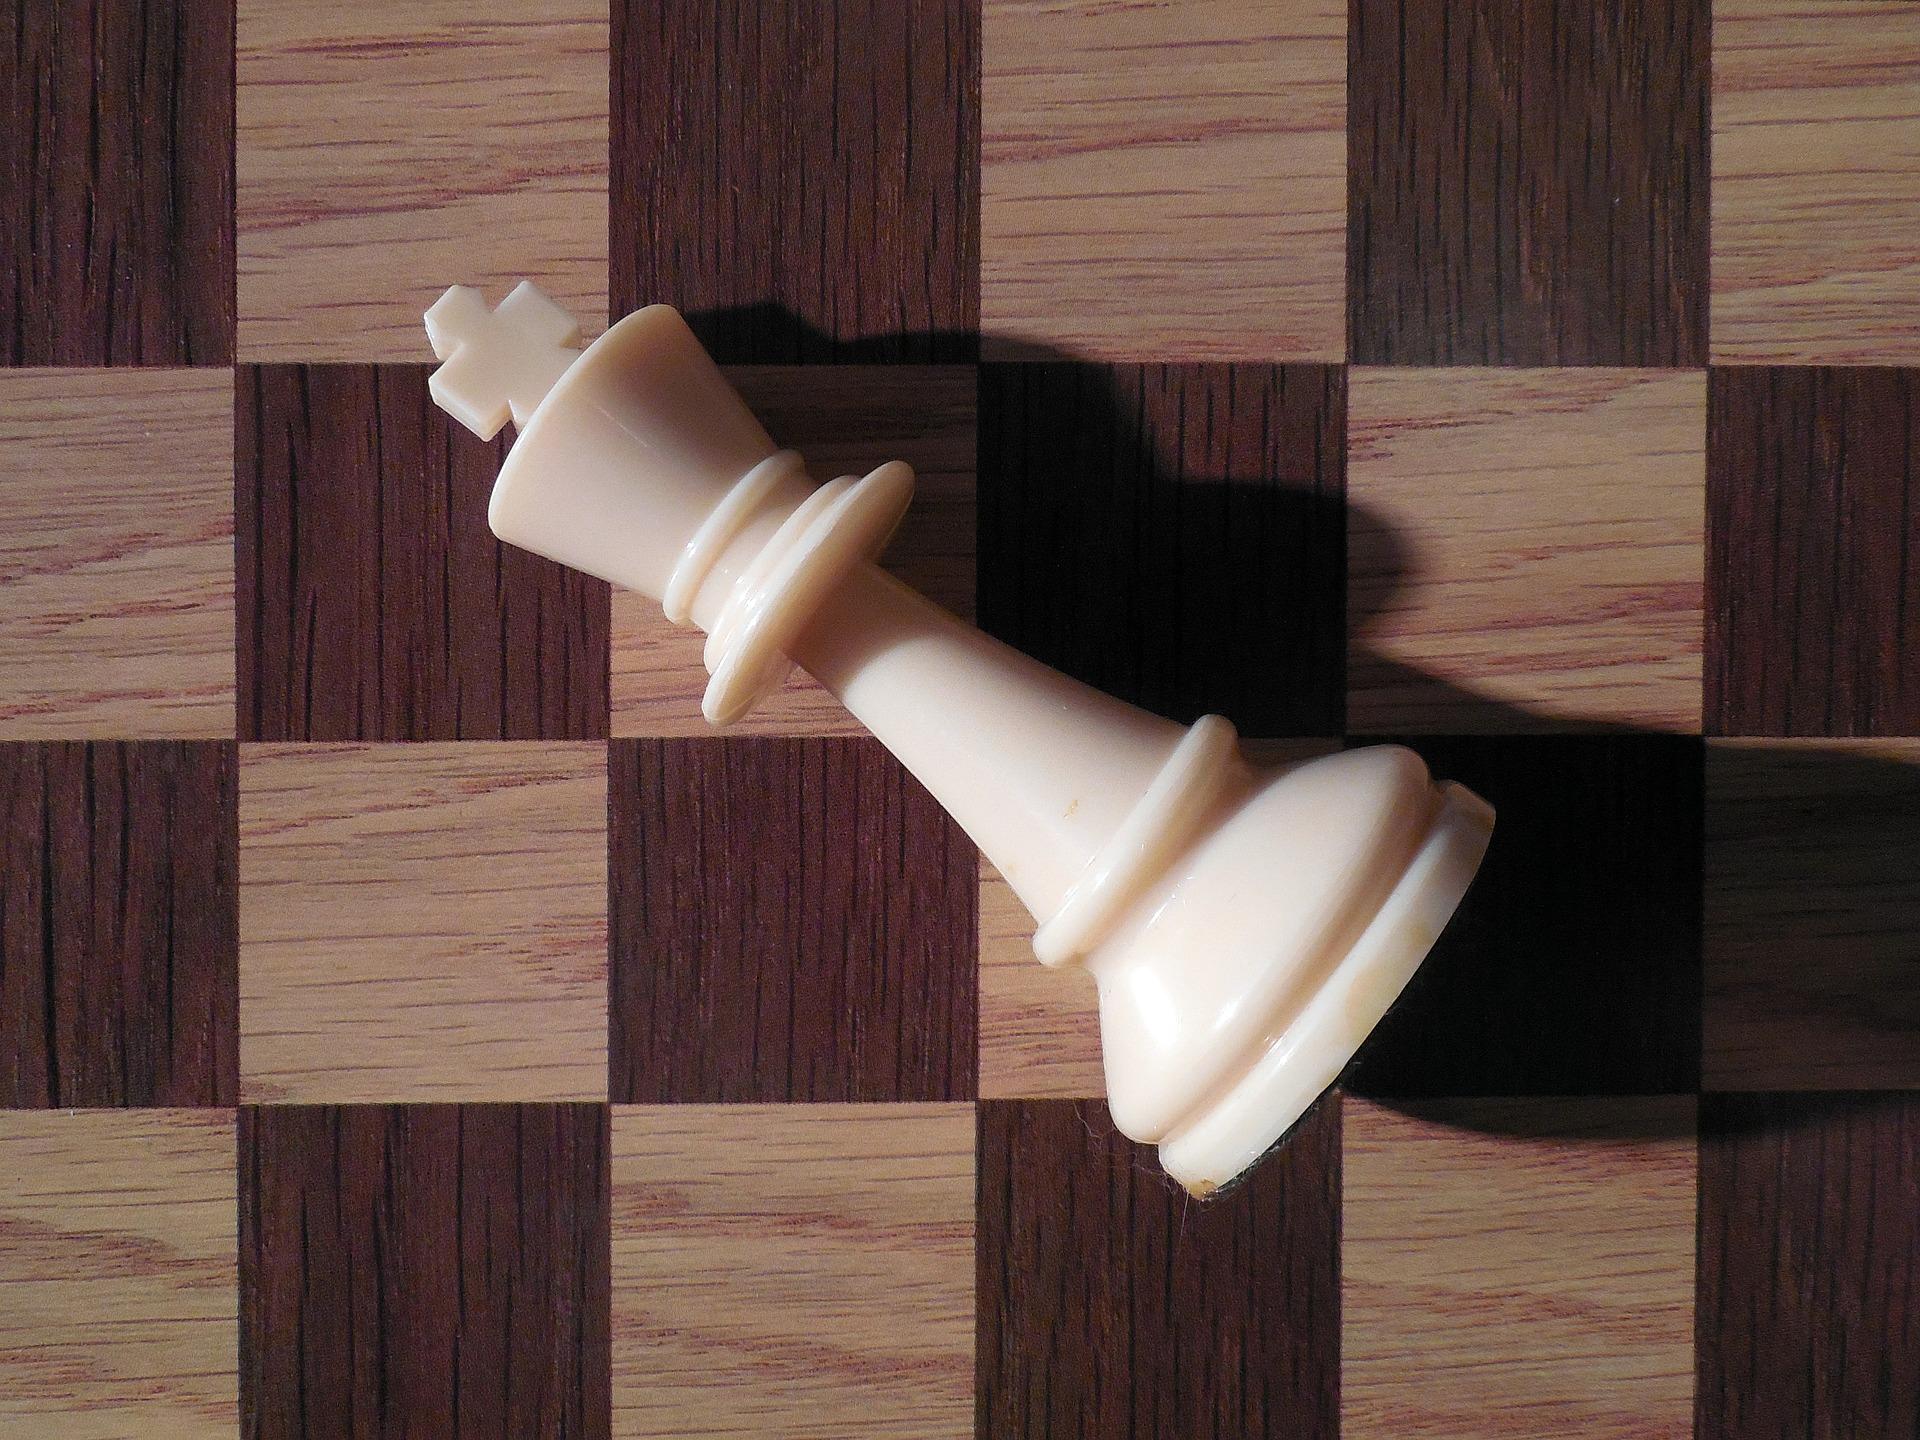 chess-1743311_1920.jpg